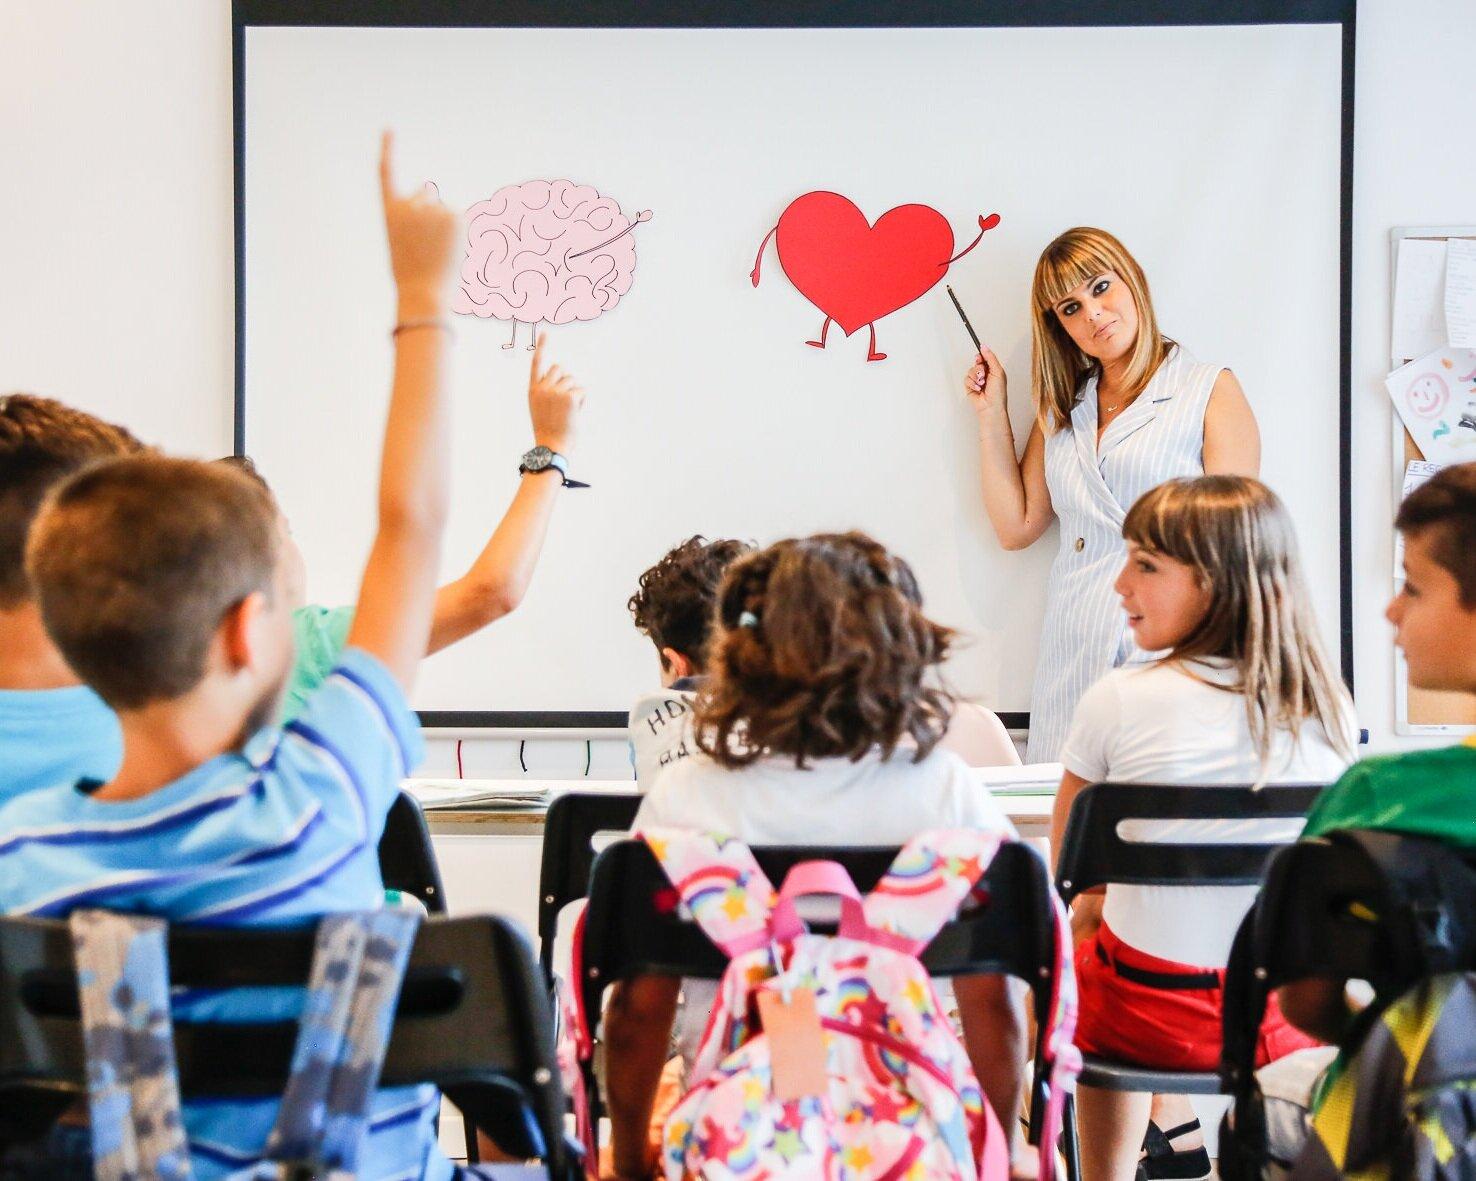 A scuola di educazione emotiva ed altruismo - CORSO MIUR 20 ORE